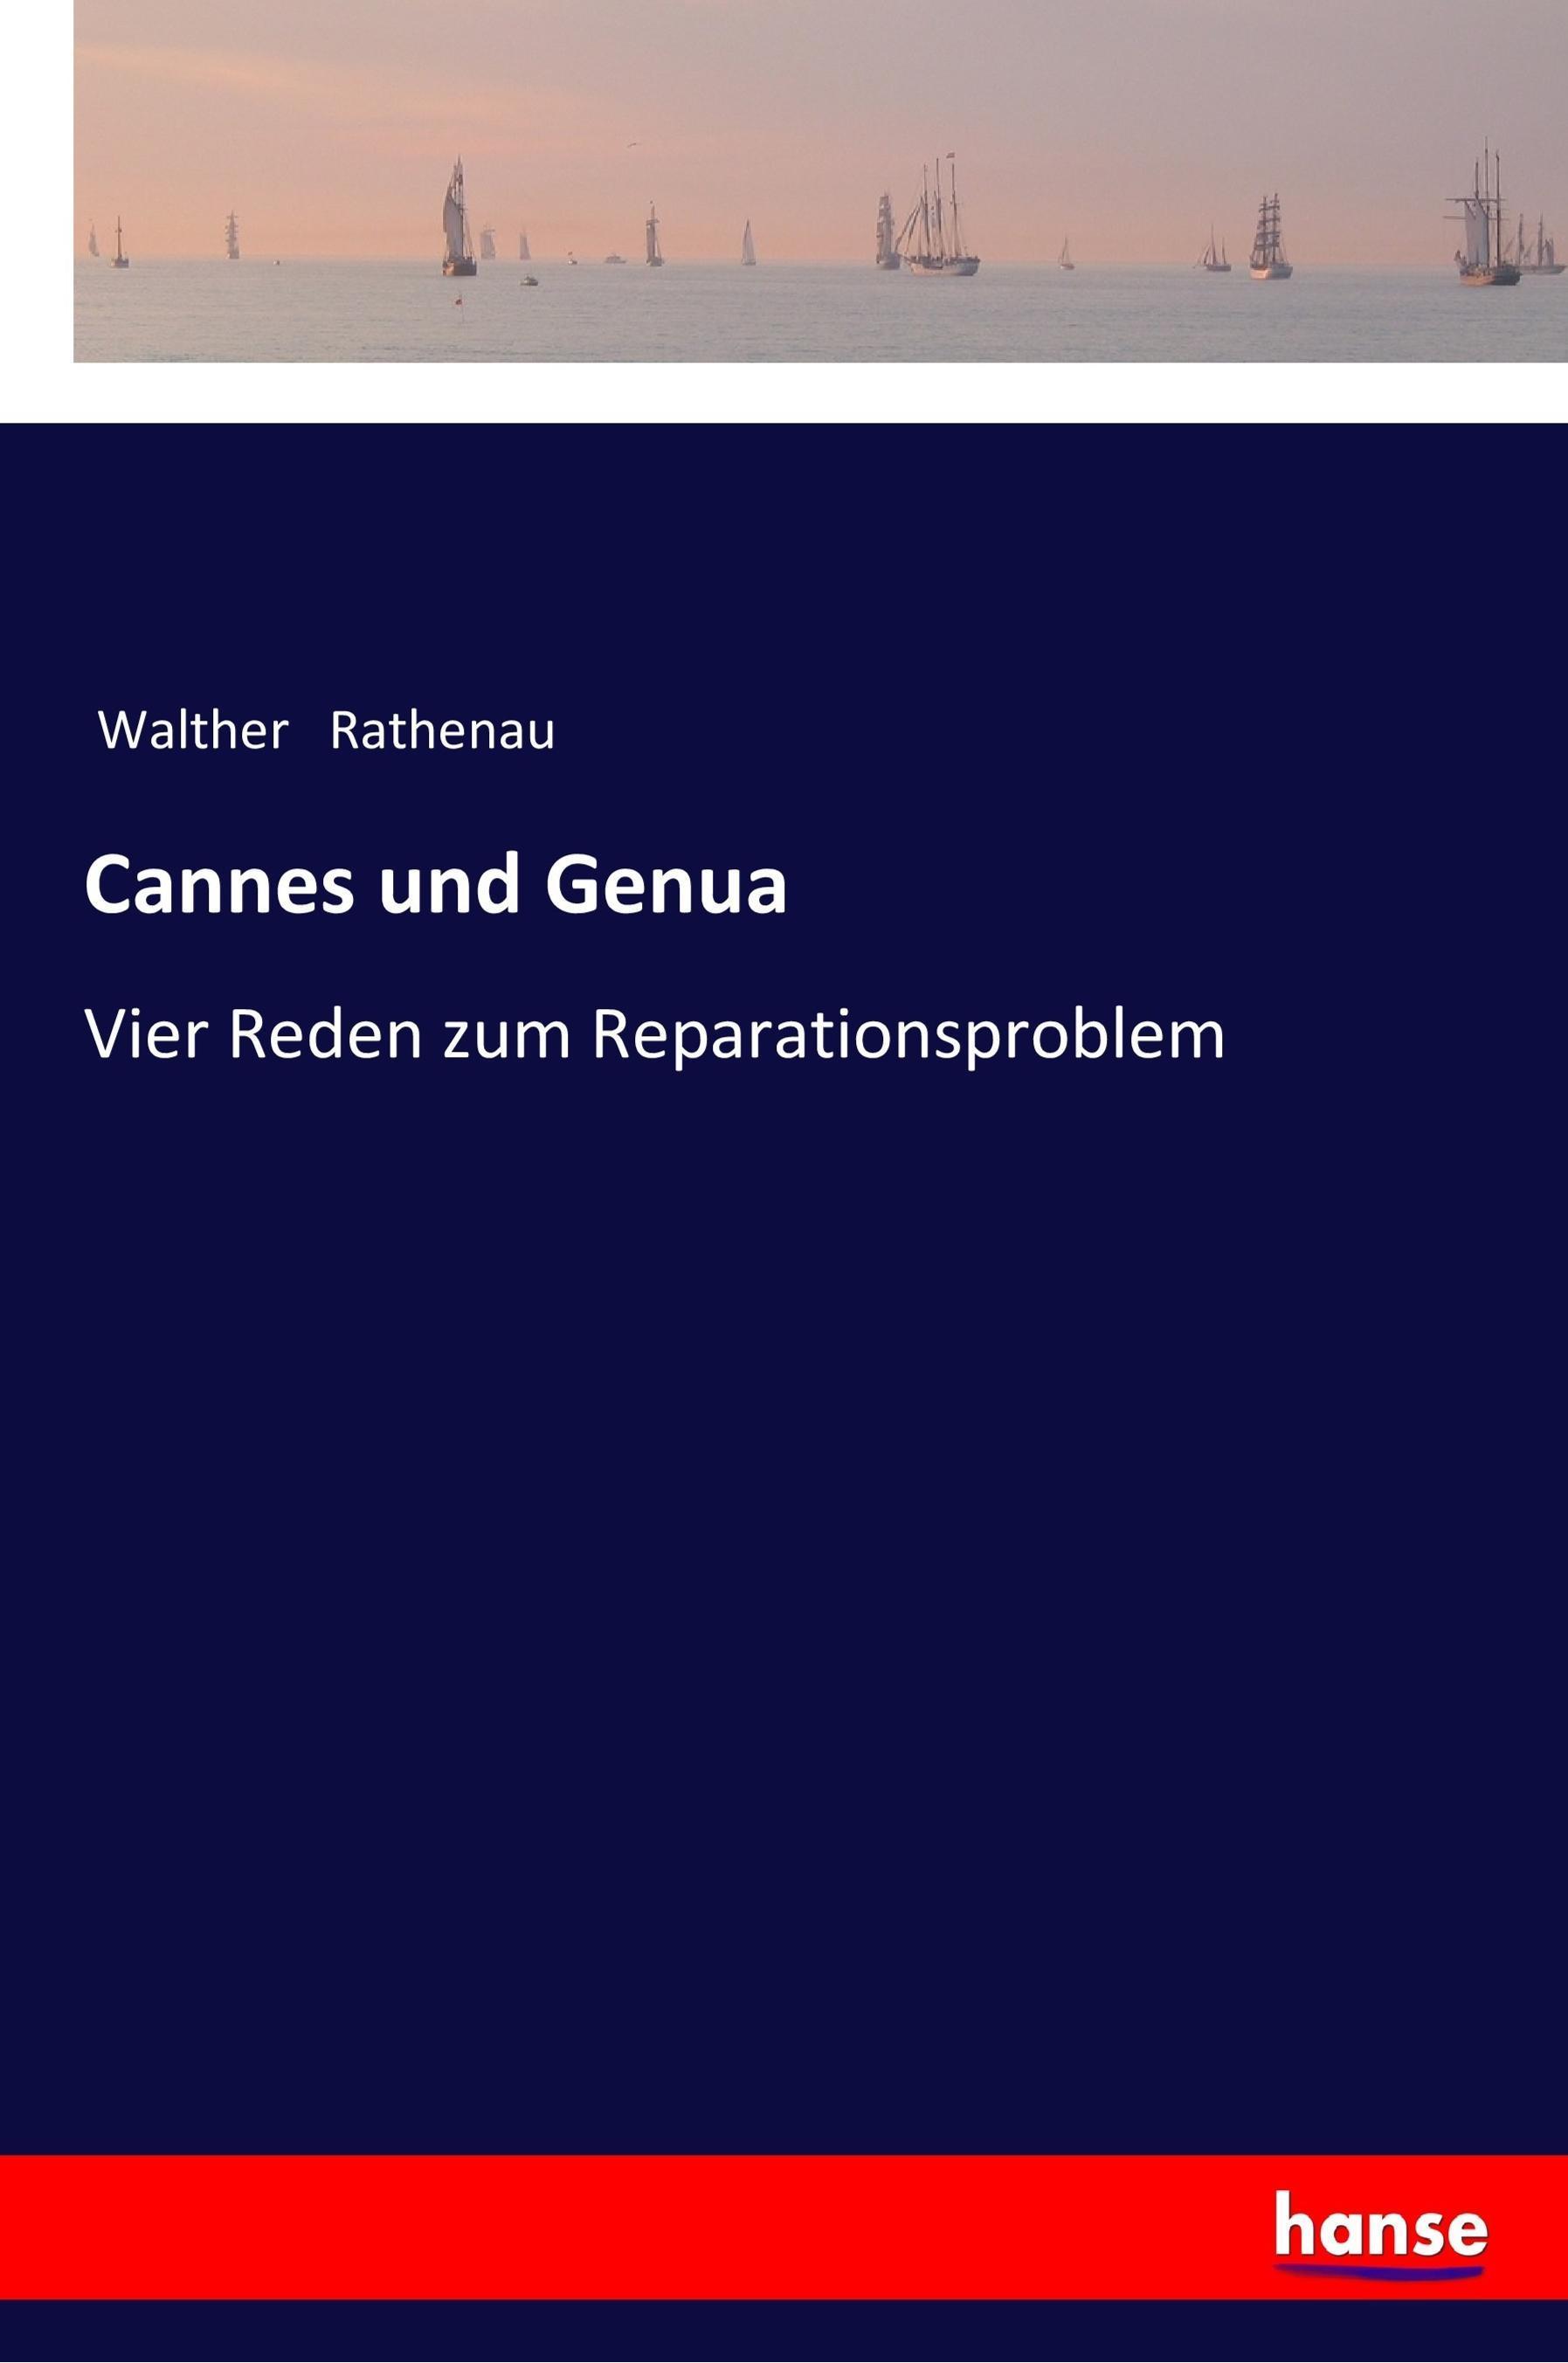 Cannes und Genua - Rathenau, Walther